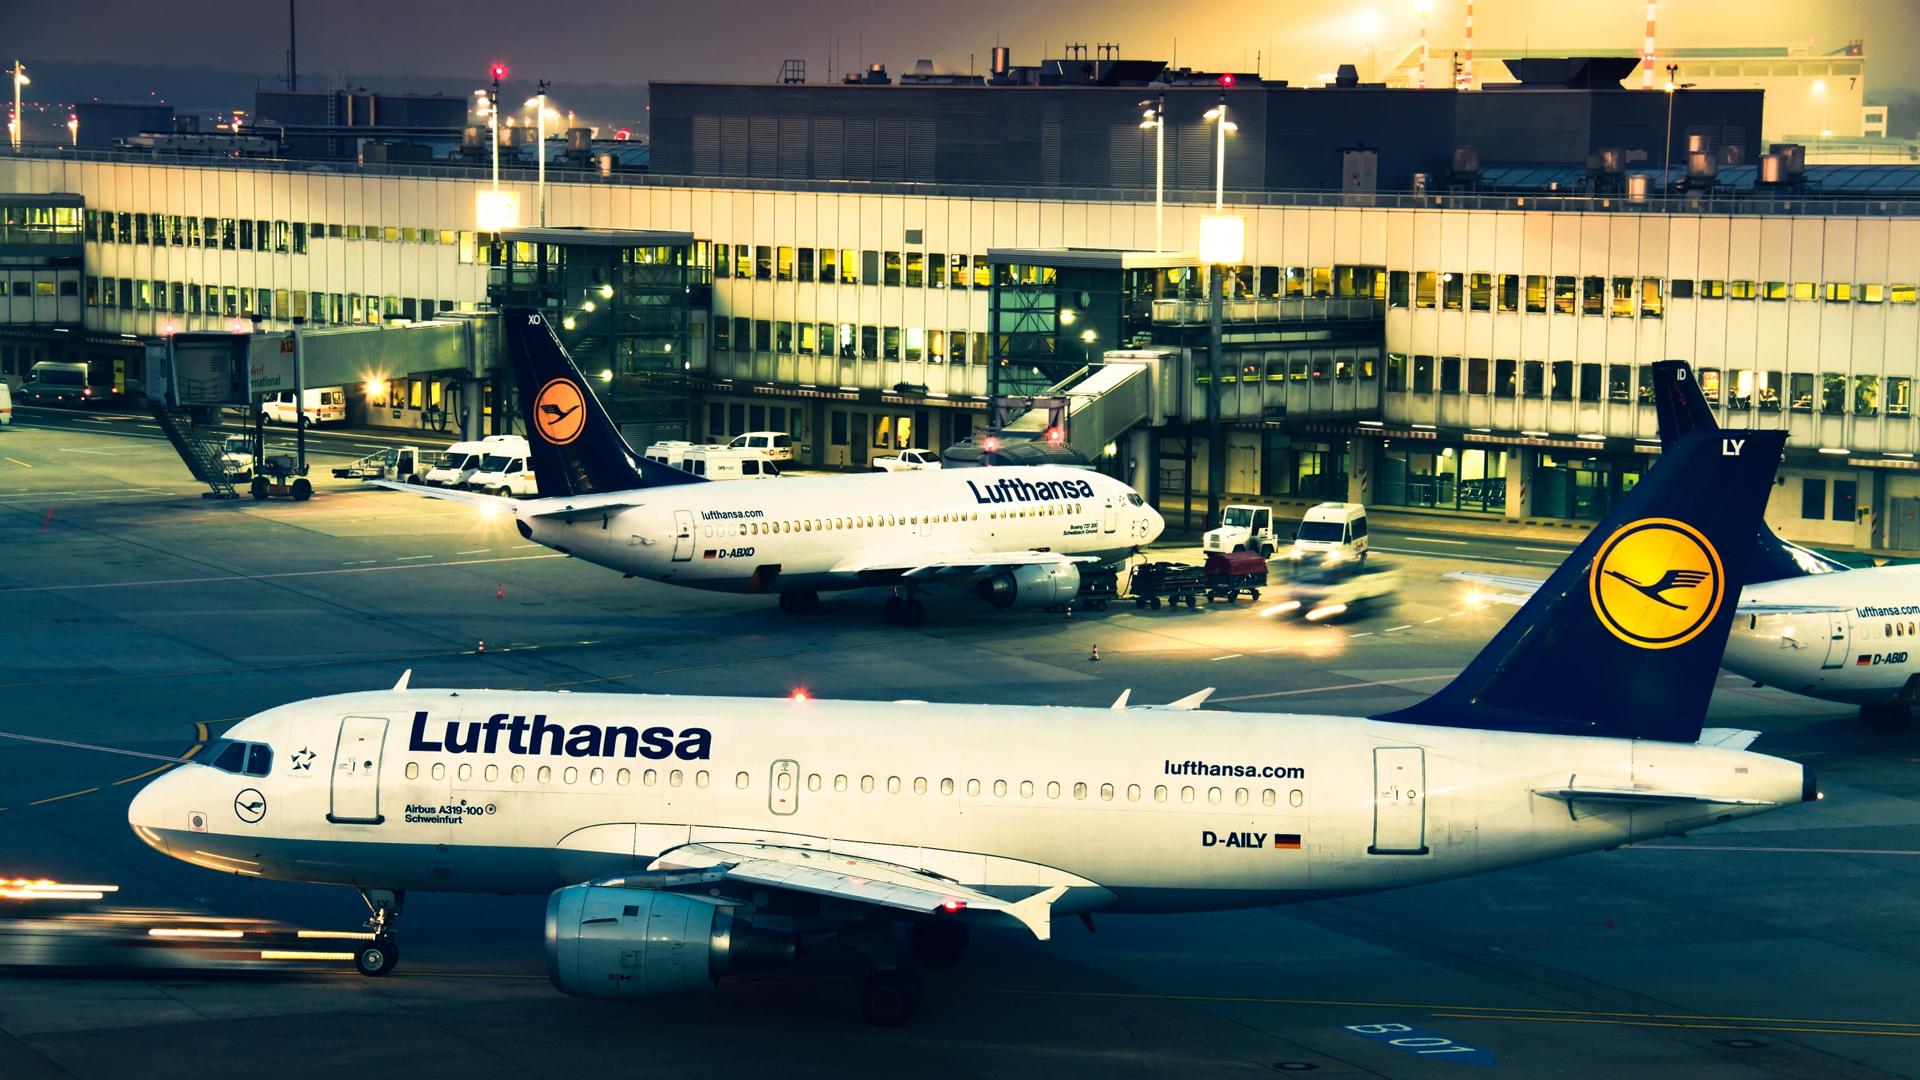 самолет, крыло, воздух